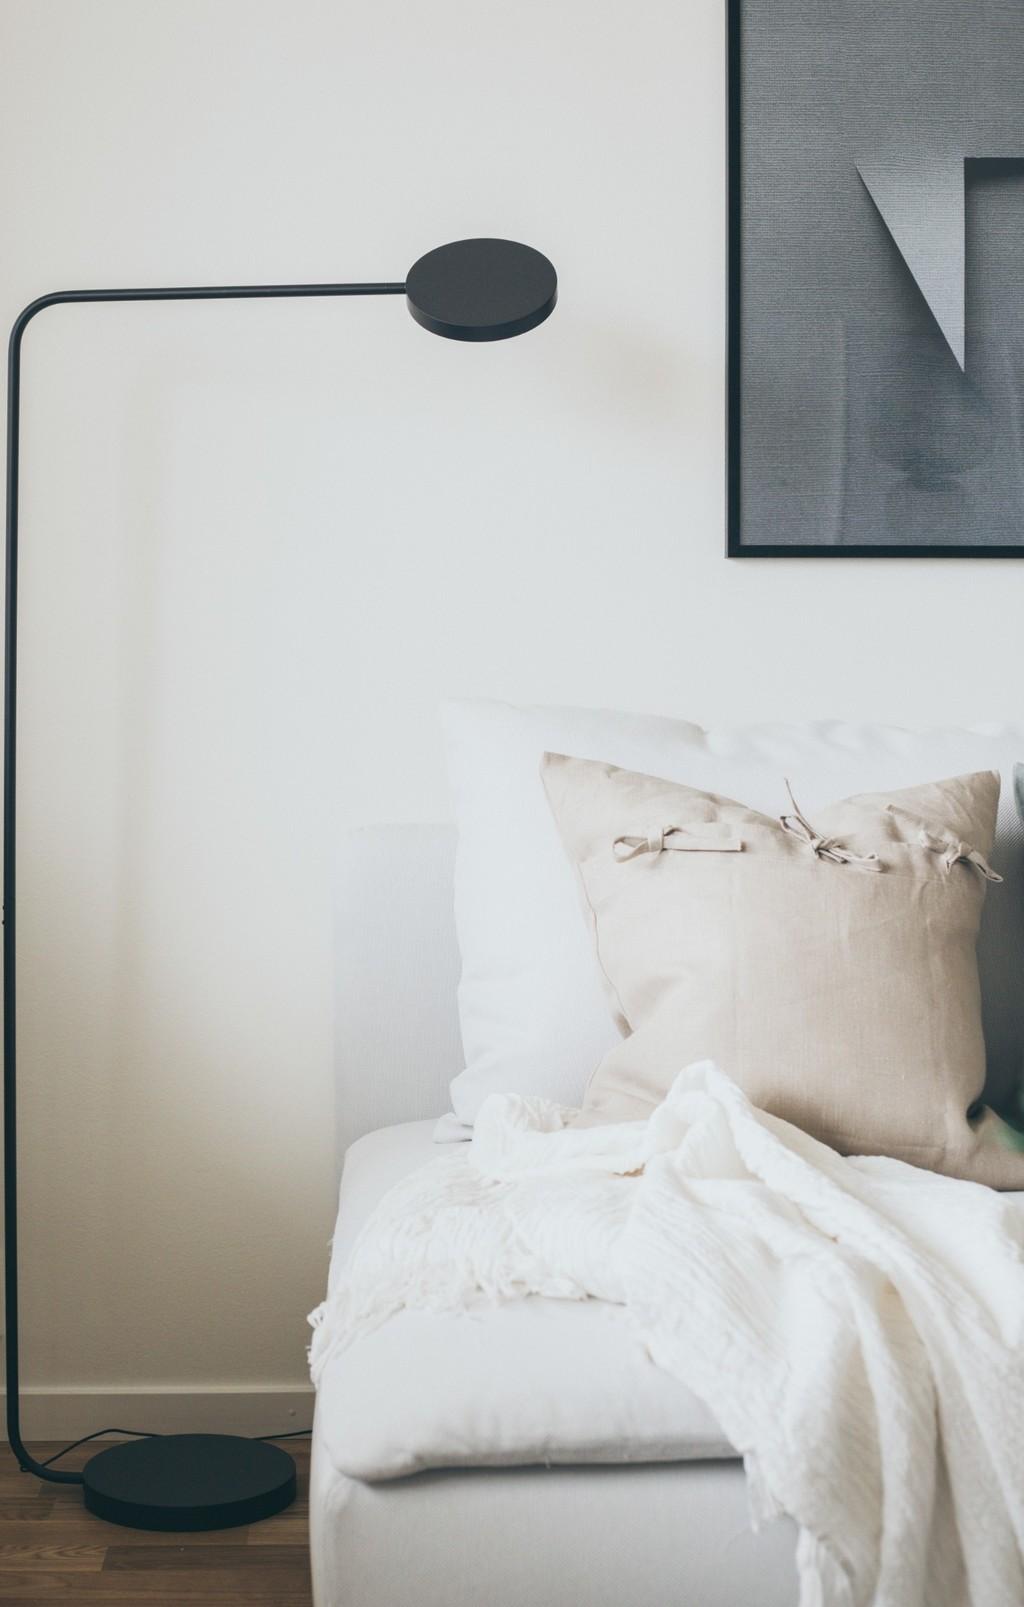 beige soffa med ljusa kuddar och svart golvlampa